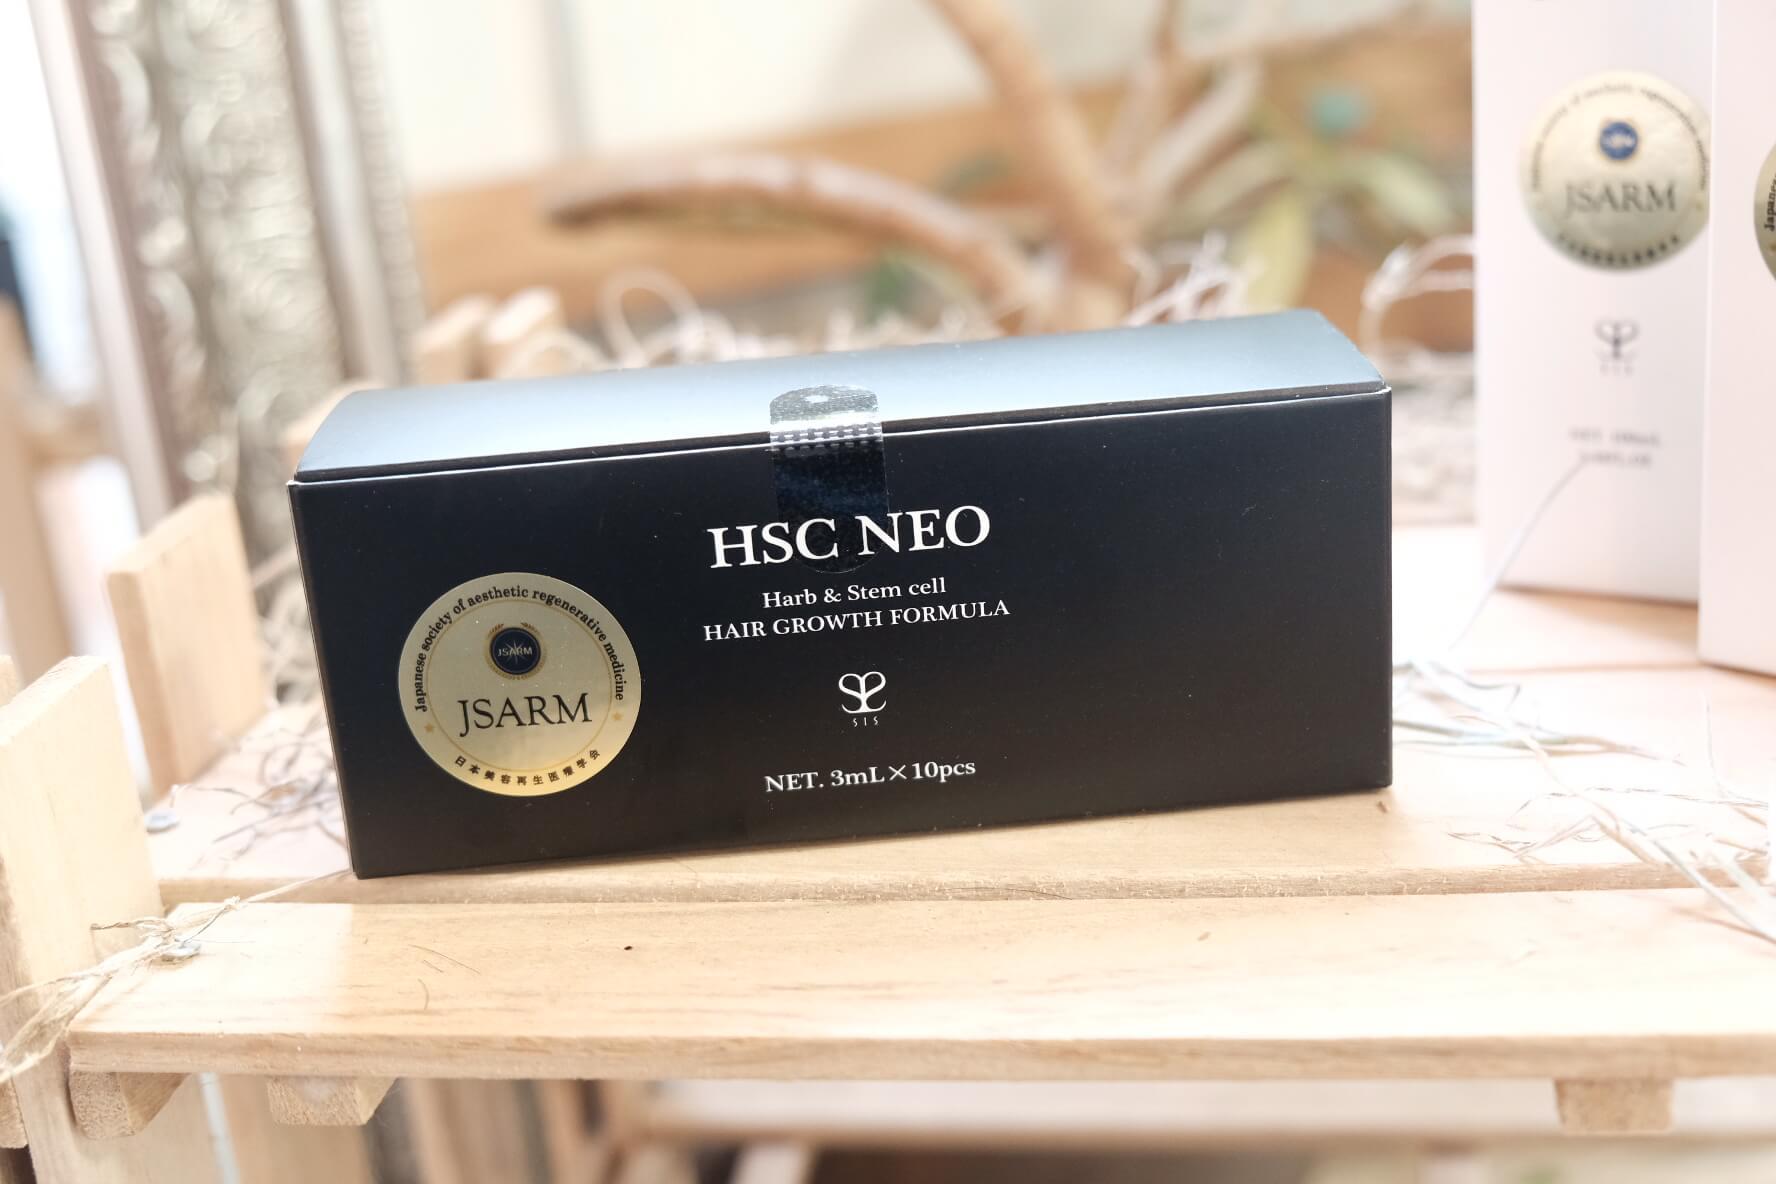 HSC NEO